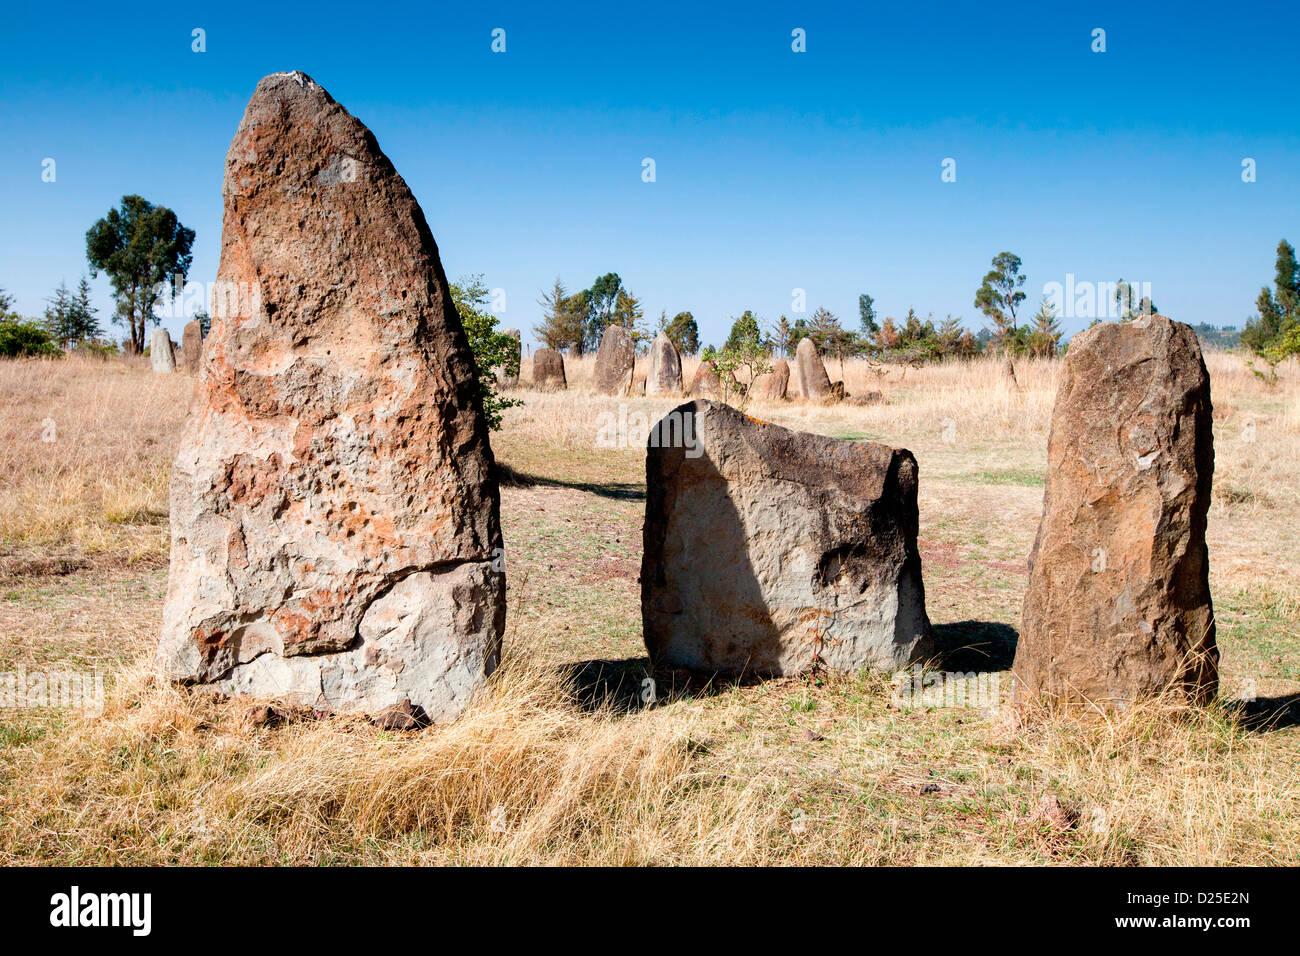 Stèles néolithiques gravé avec épées debout dans un champ près du village de Tiya en Ethiopie, l'Afrique. Banque D'Images